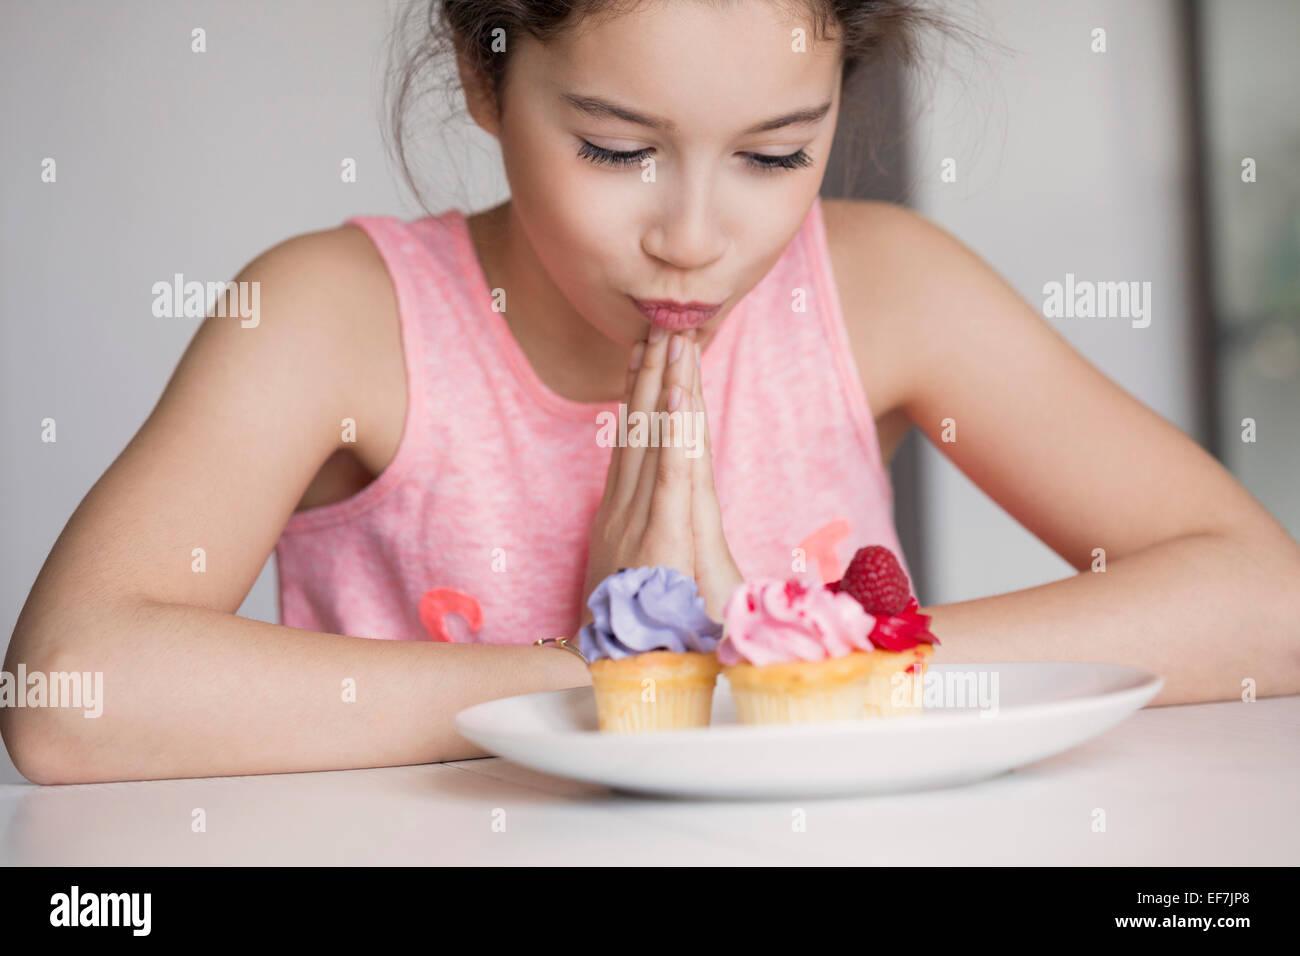 Mädchen auf der Suche bei cupcakes Stockfoto